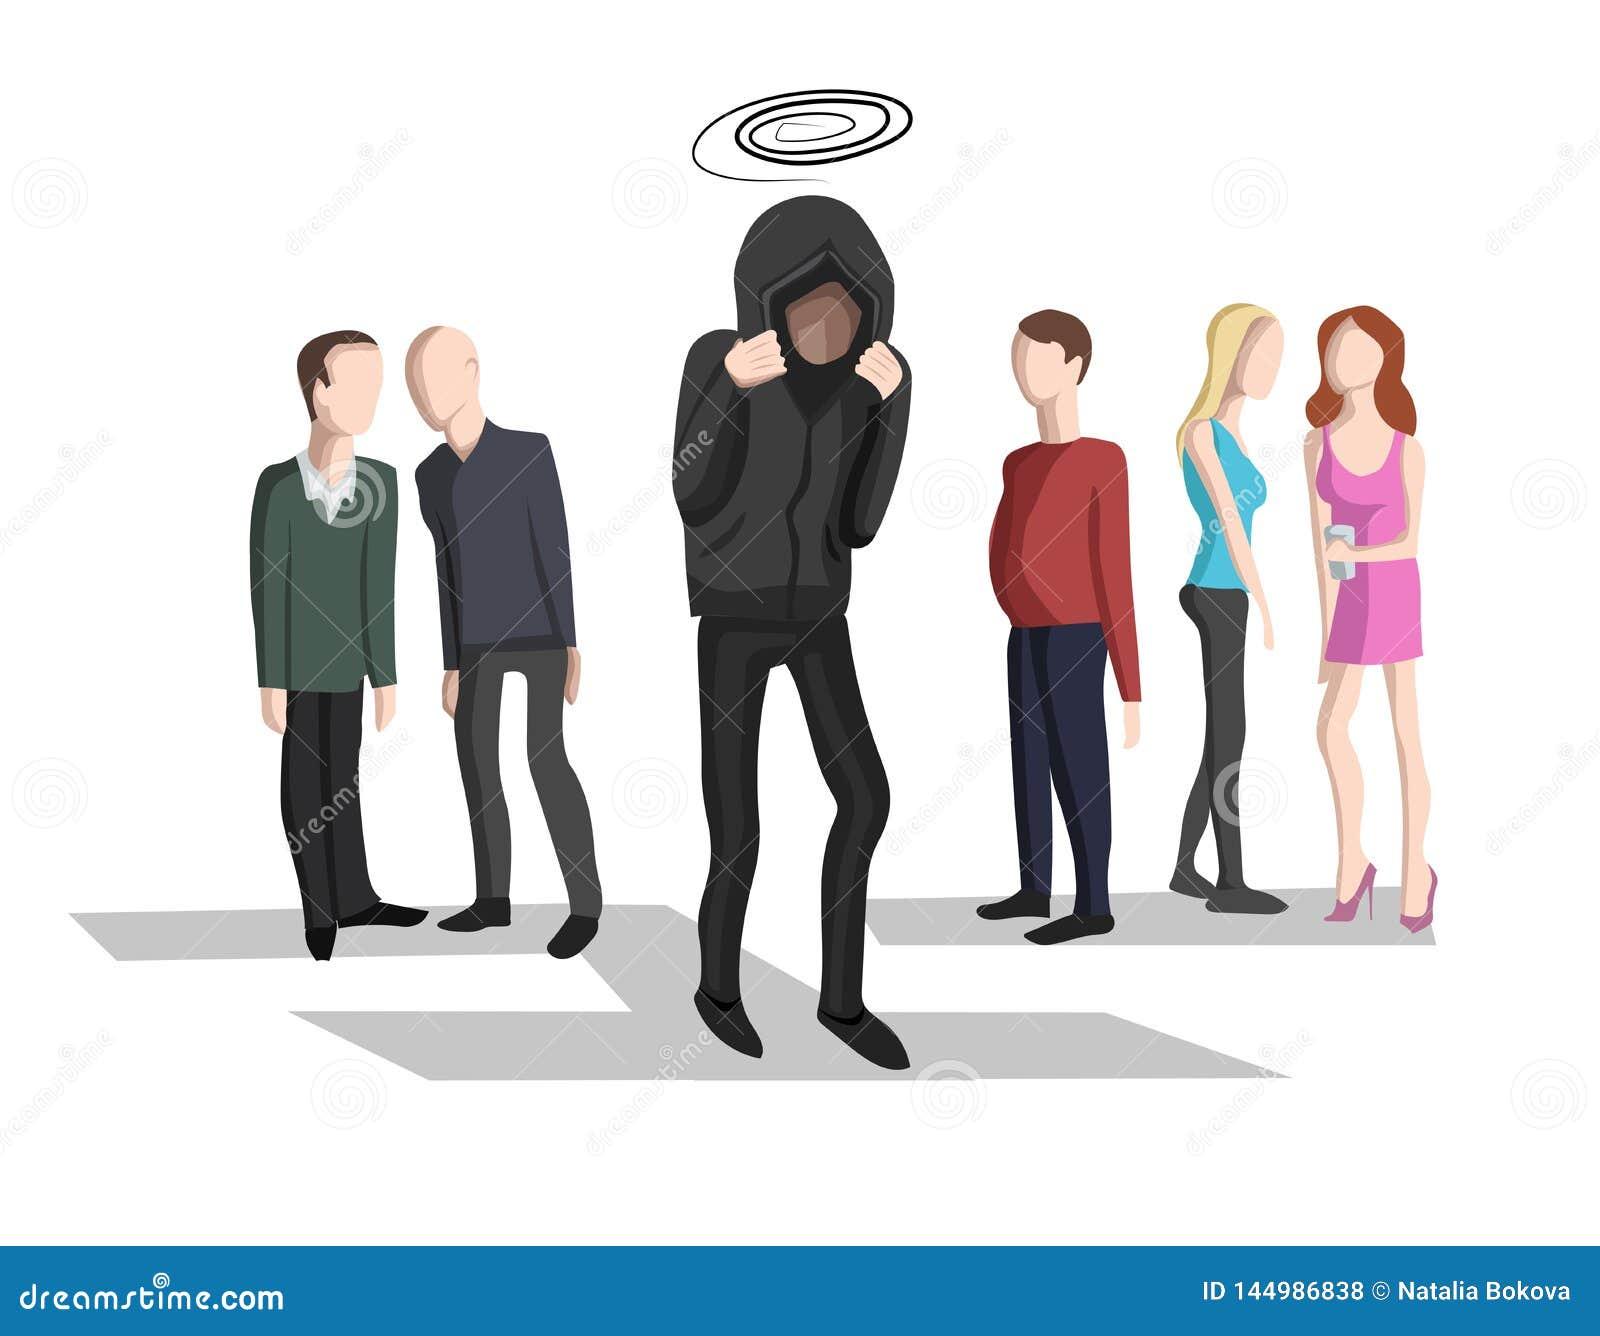 Inquiétude sociale, phobie sociale